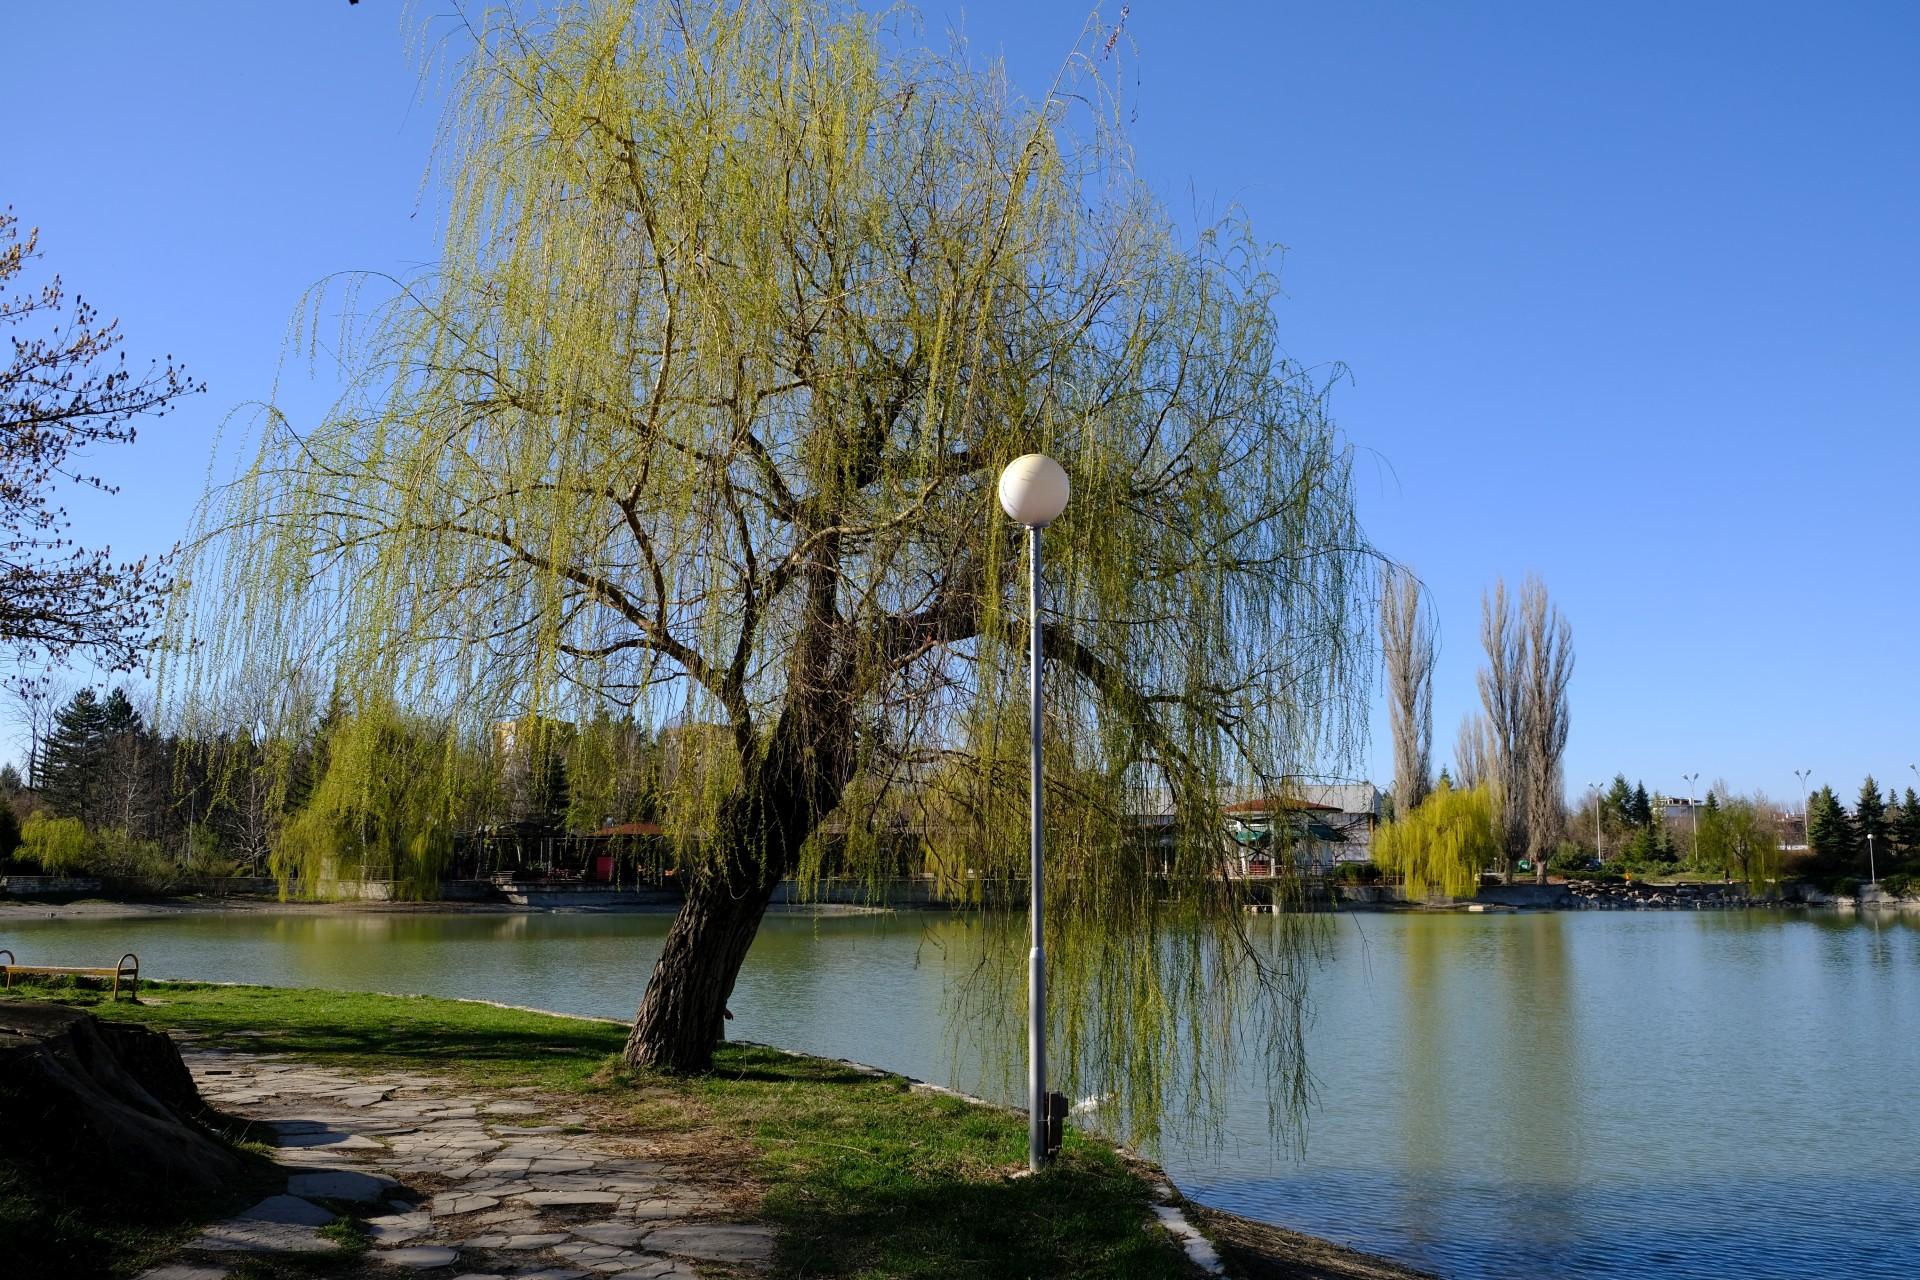 Ein großer Baum steht am Ufer eines Sees